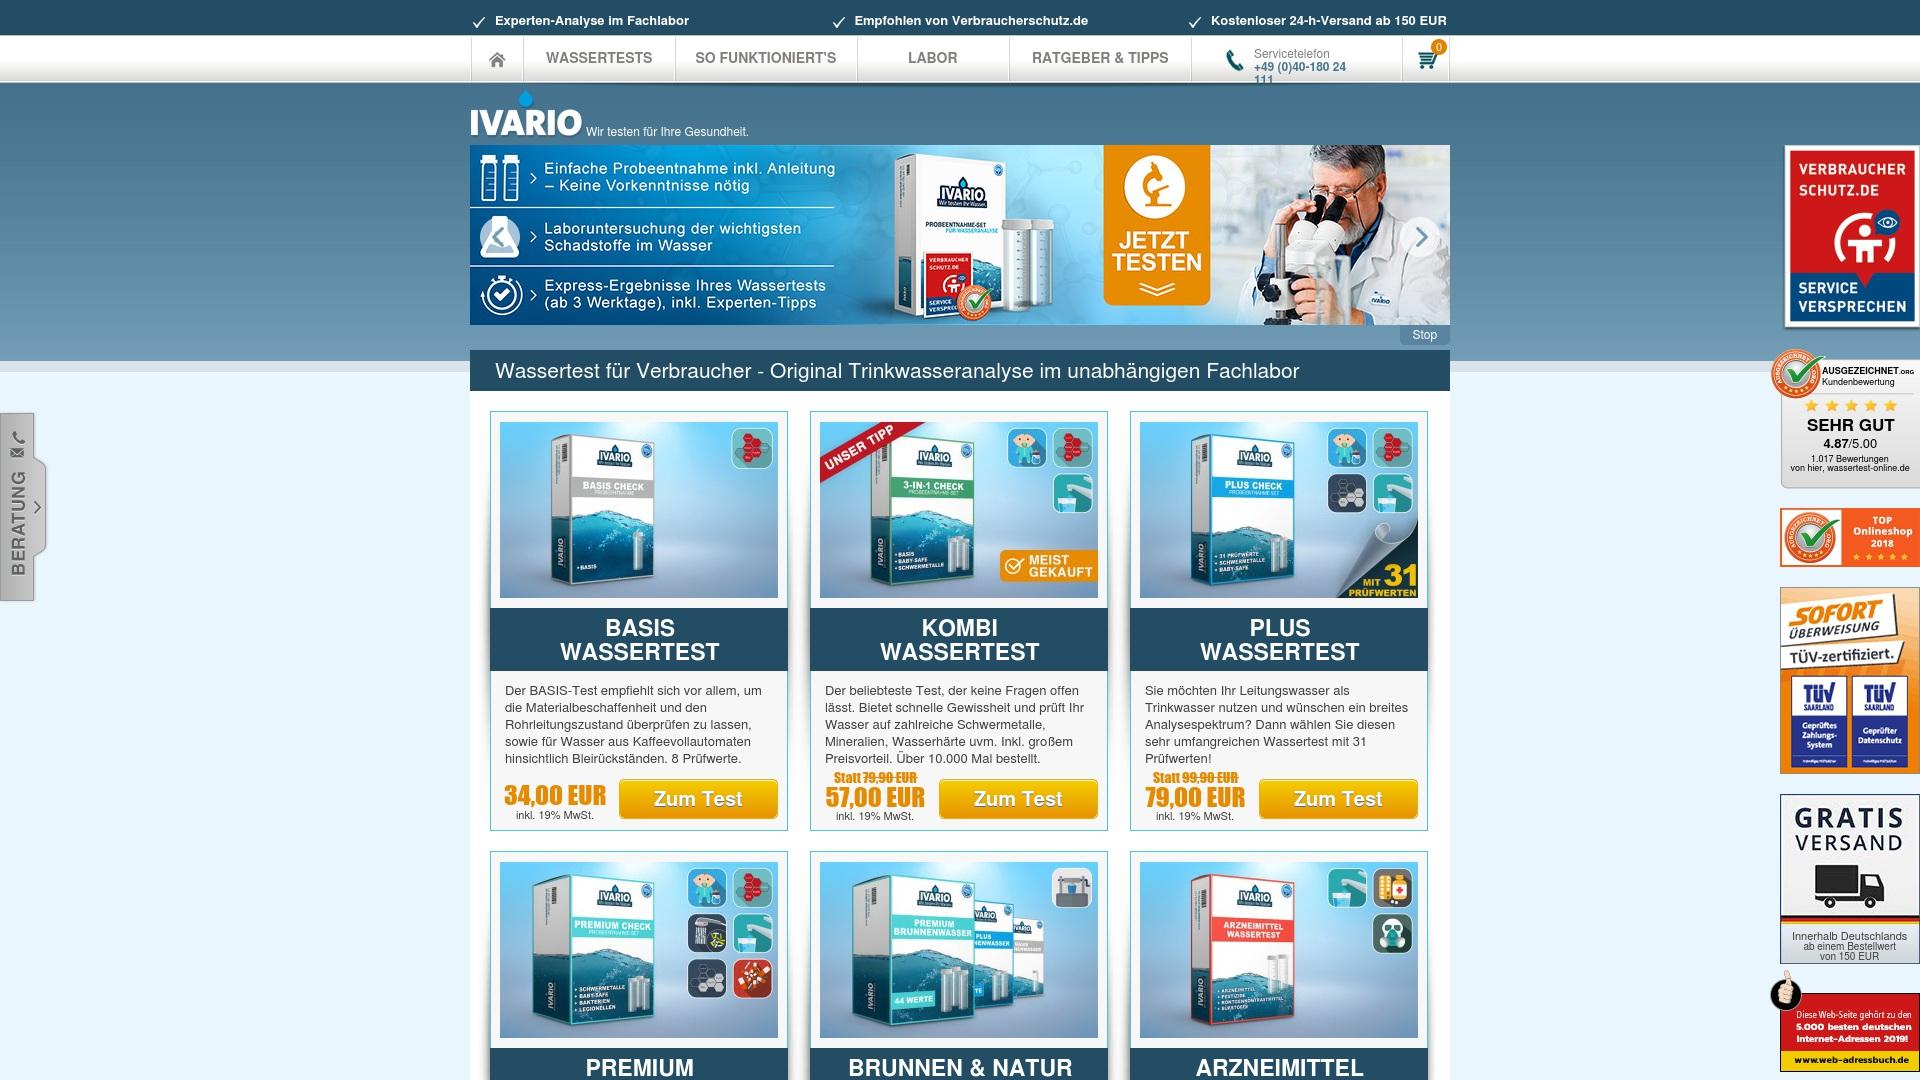 Gutschein für Wassertest-online: Rabatte für  Wassertest-online sichern